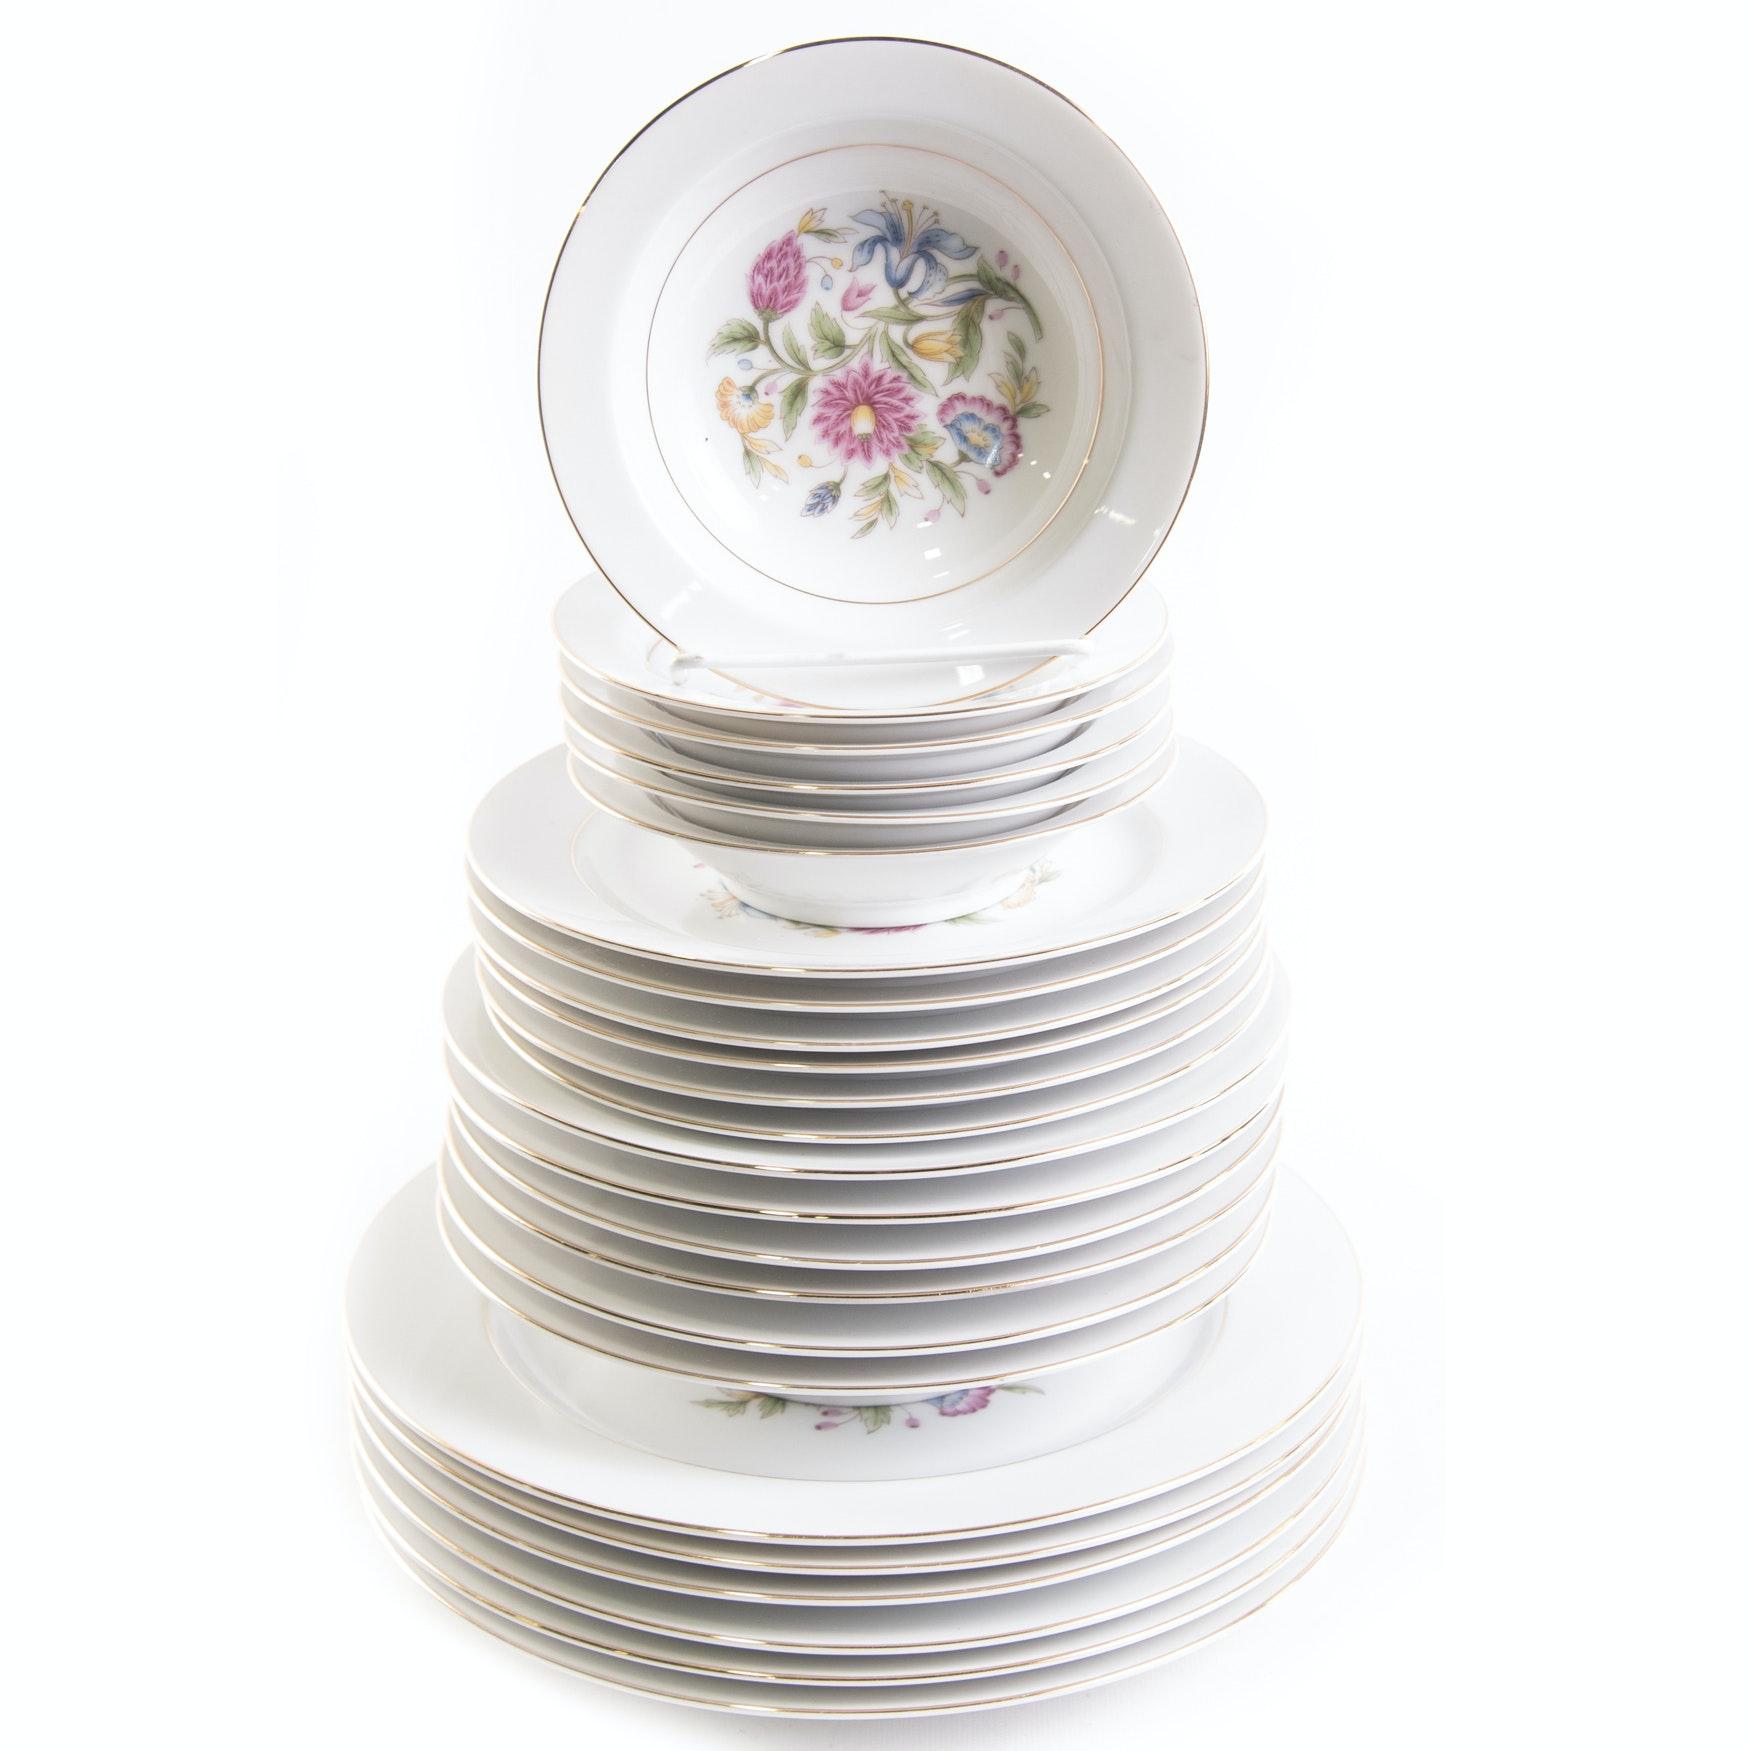 Noritake Dinnerware